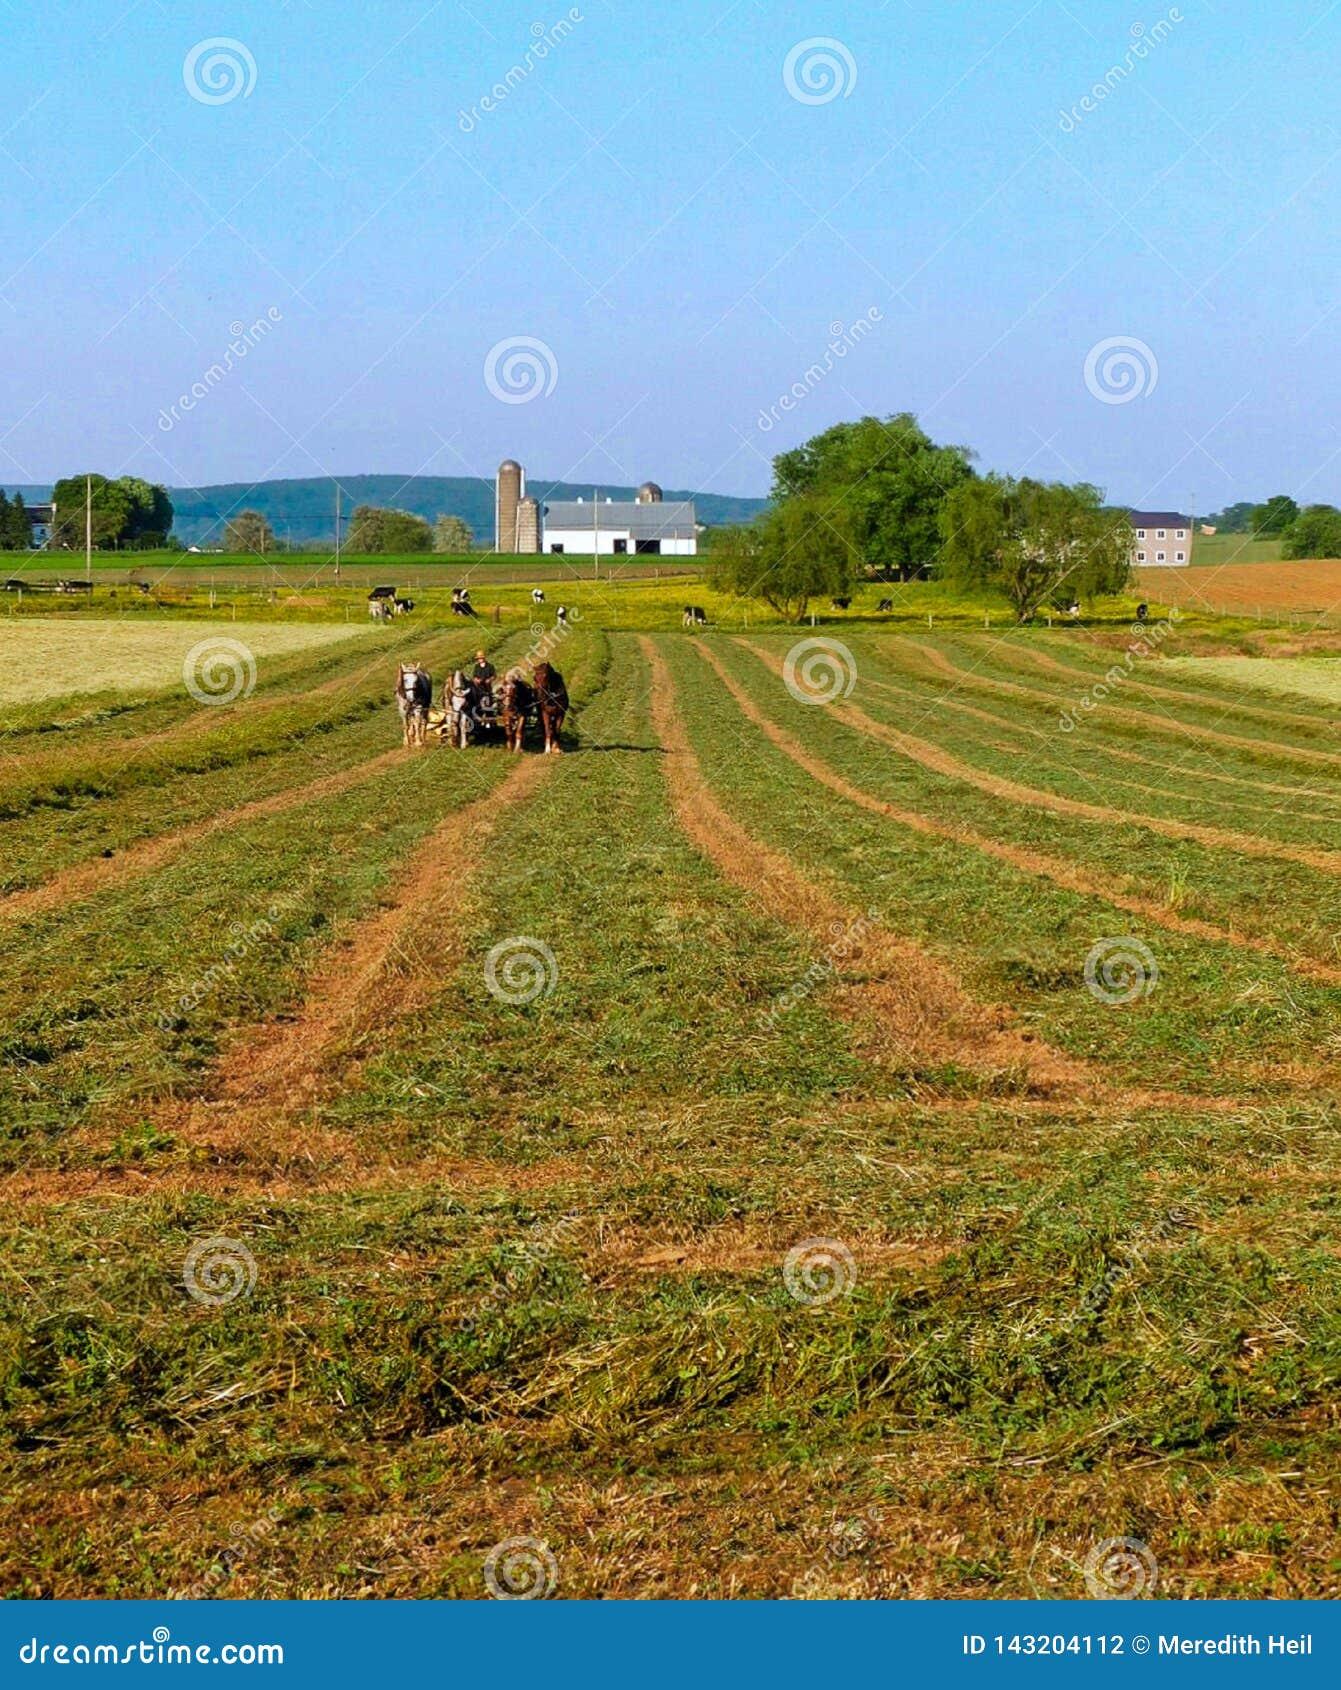 Homem Amish e uma equipe de quatro cavalos para arar um campo da alfafa